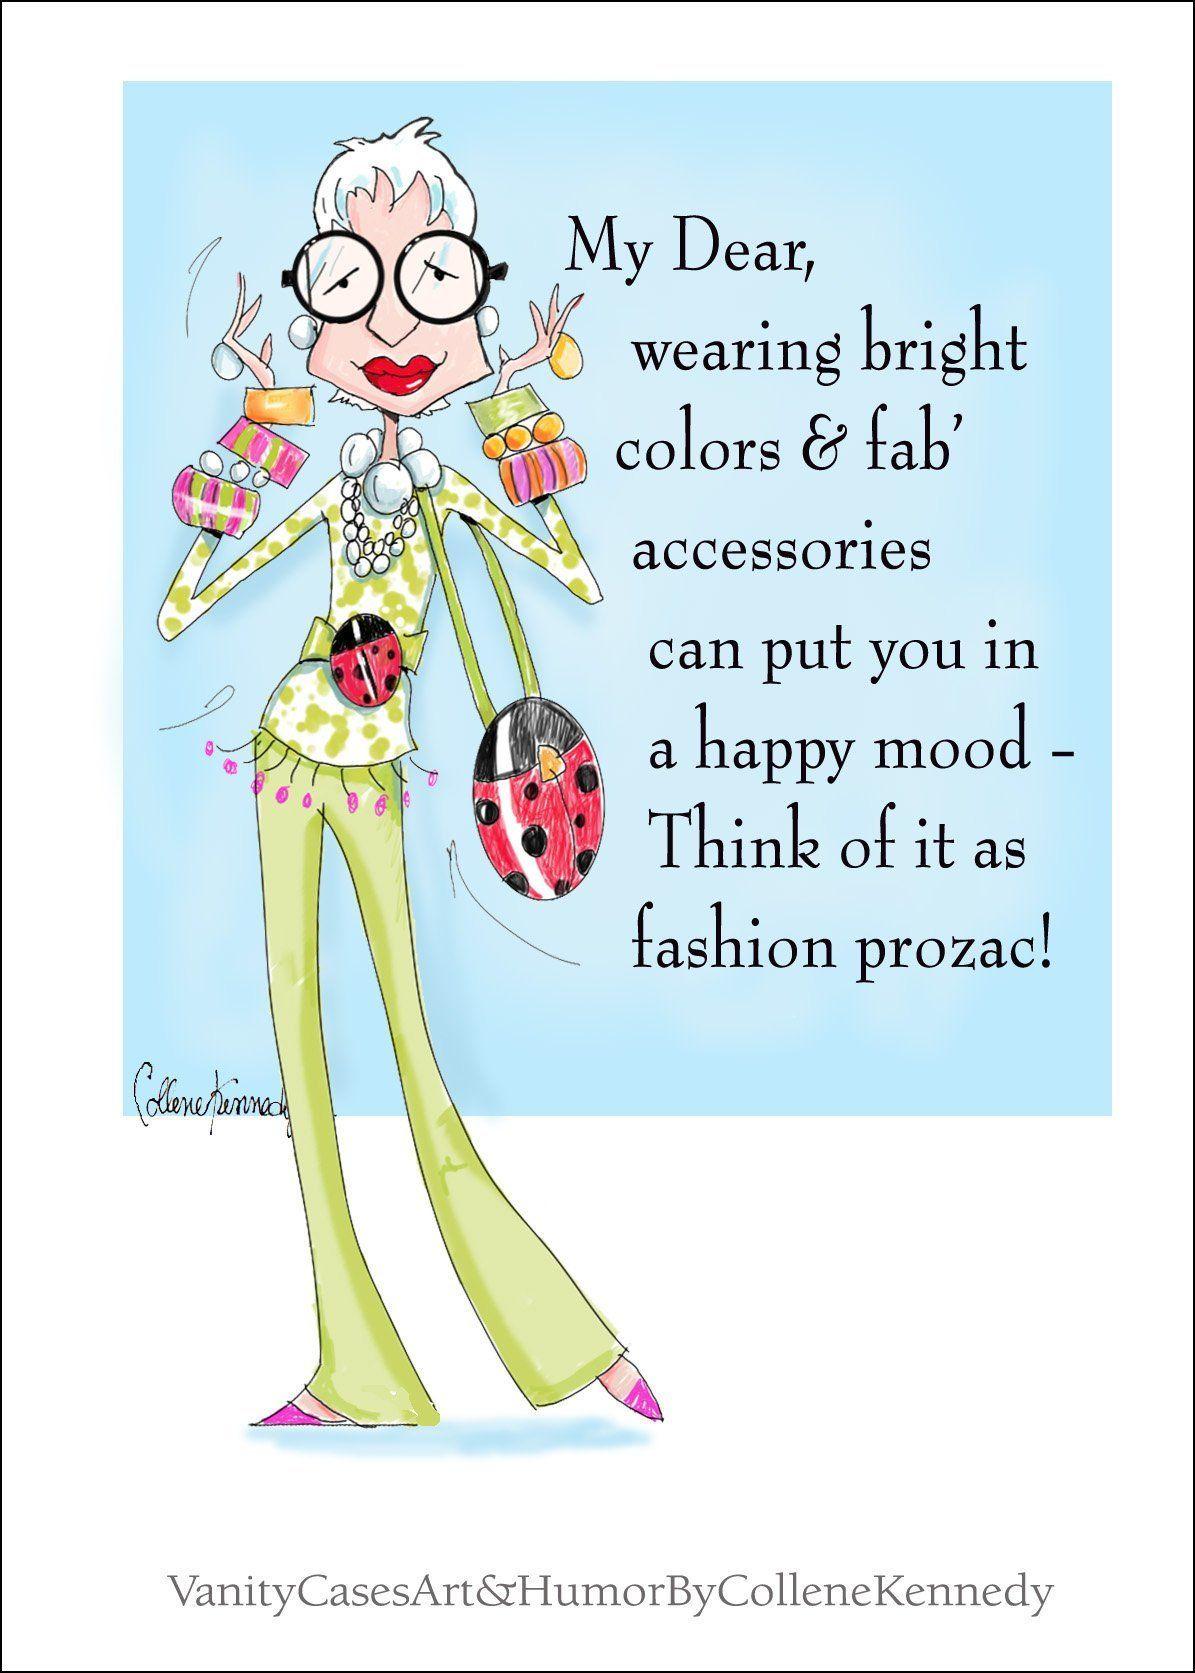 Iris Apfel Inspired Funny Fashion Birthday Card for Friend